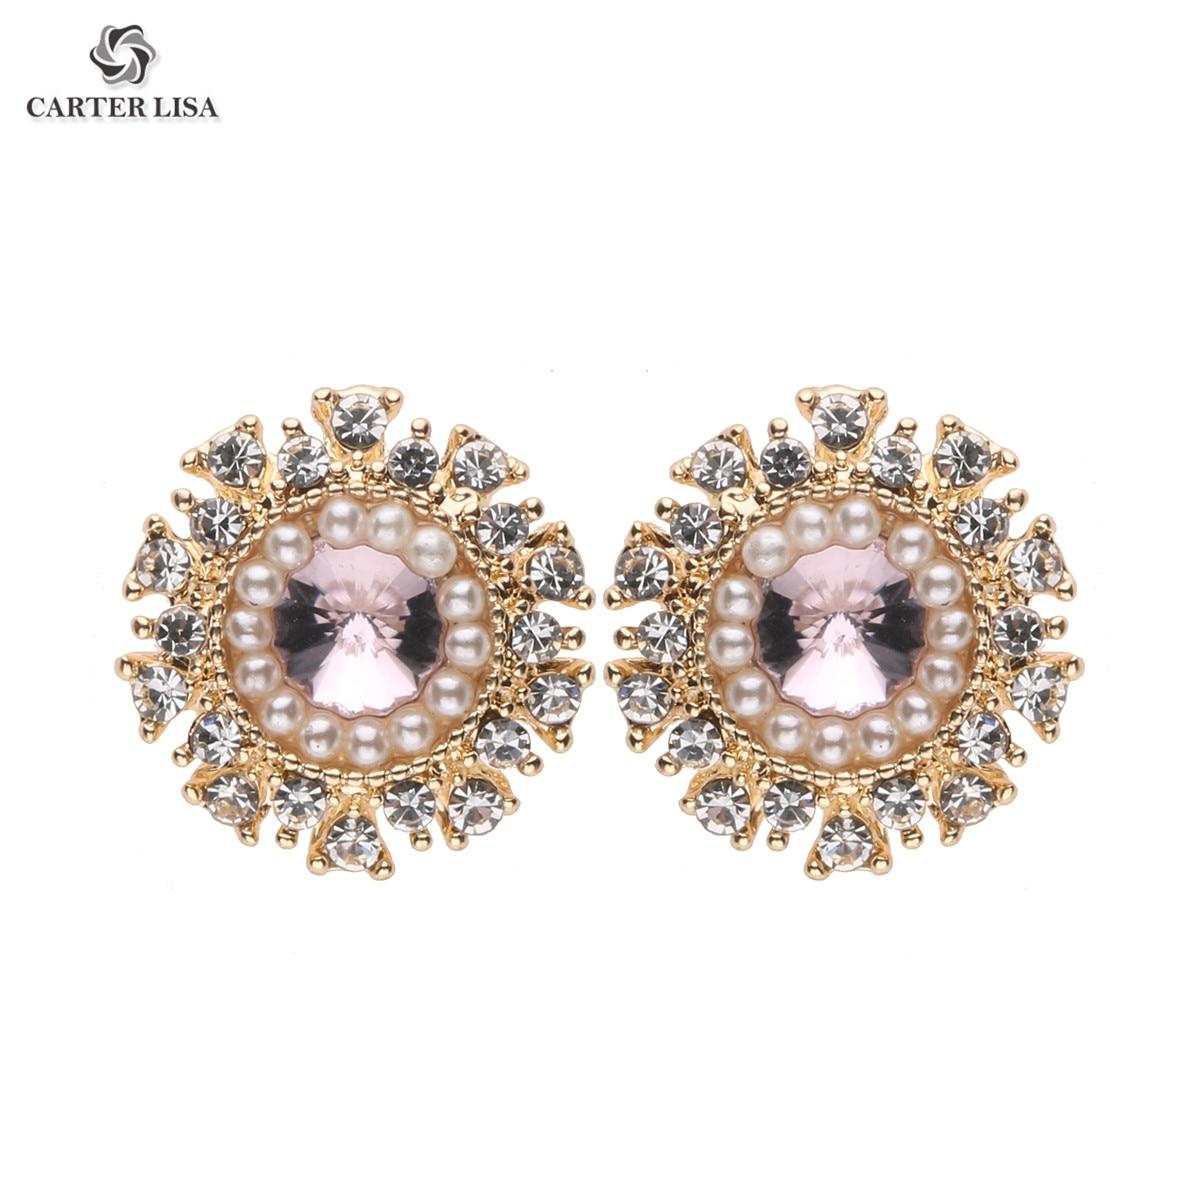 CARTER LISA Pearl Flower Crystal Earring Retro Stud Earrings Fashion Jewelry For Women Daily Wear 2019 New